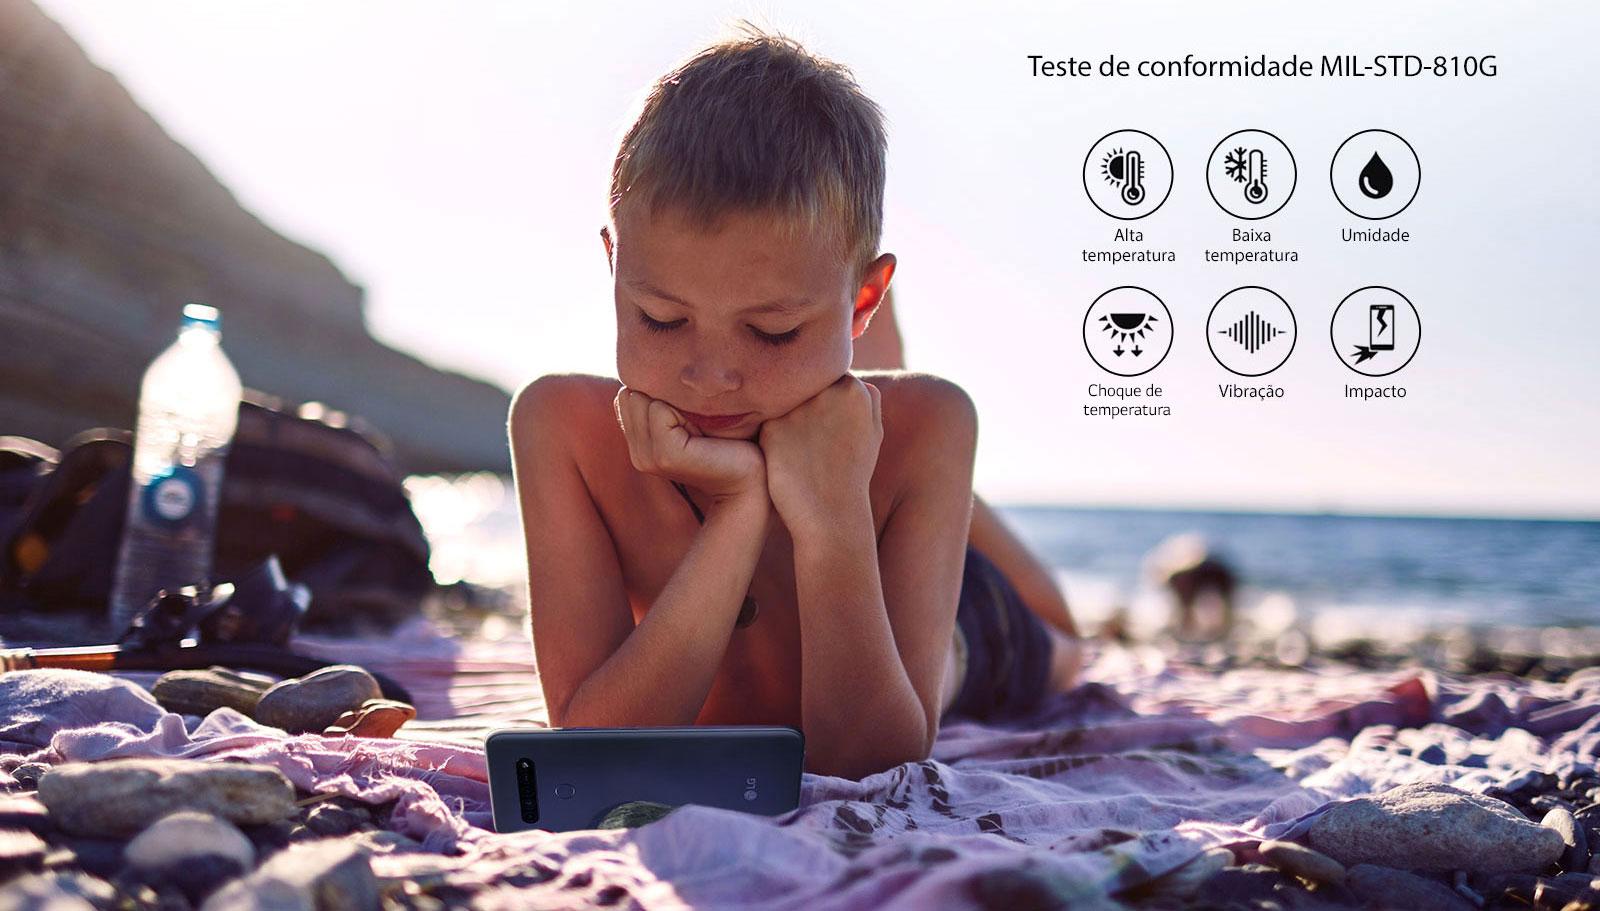 Menino deitado na praia assistindo a um filme no smartphone